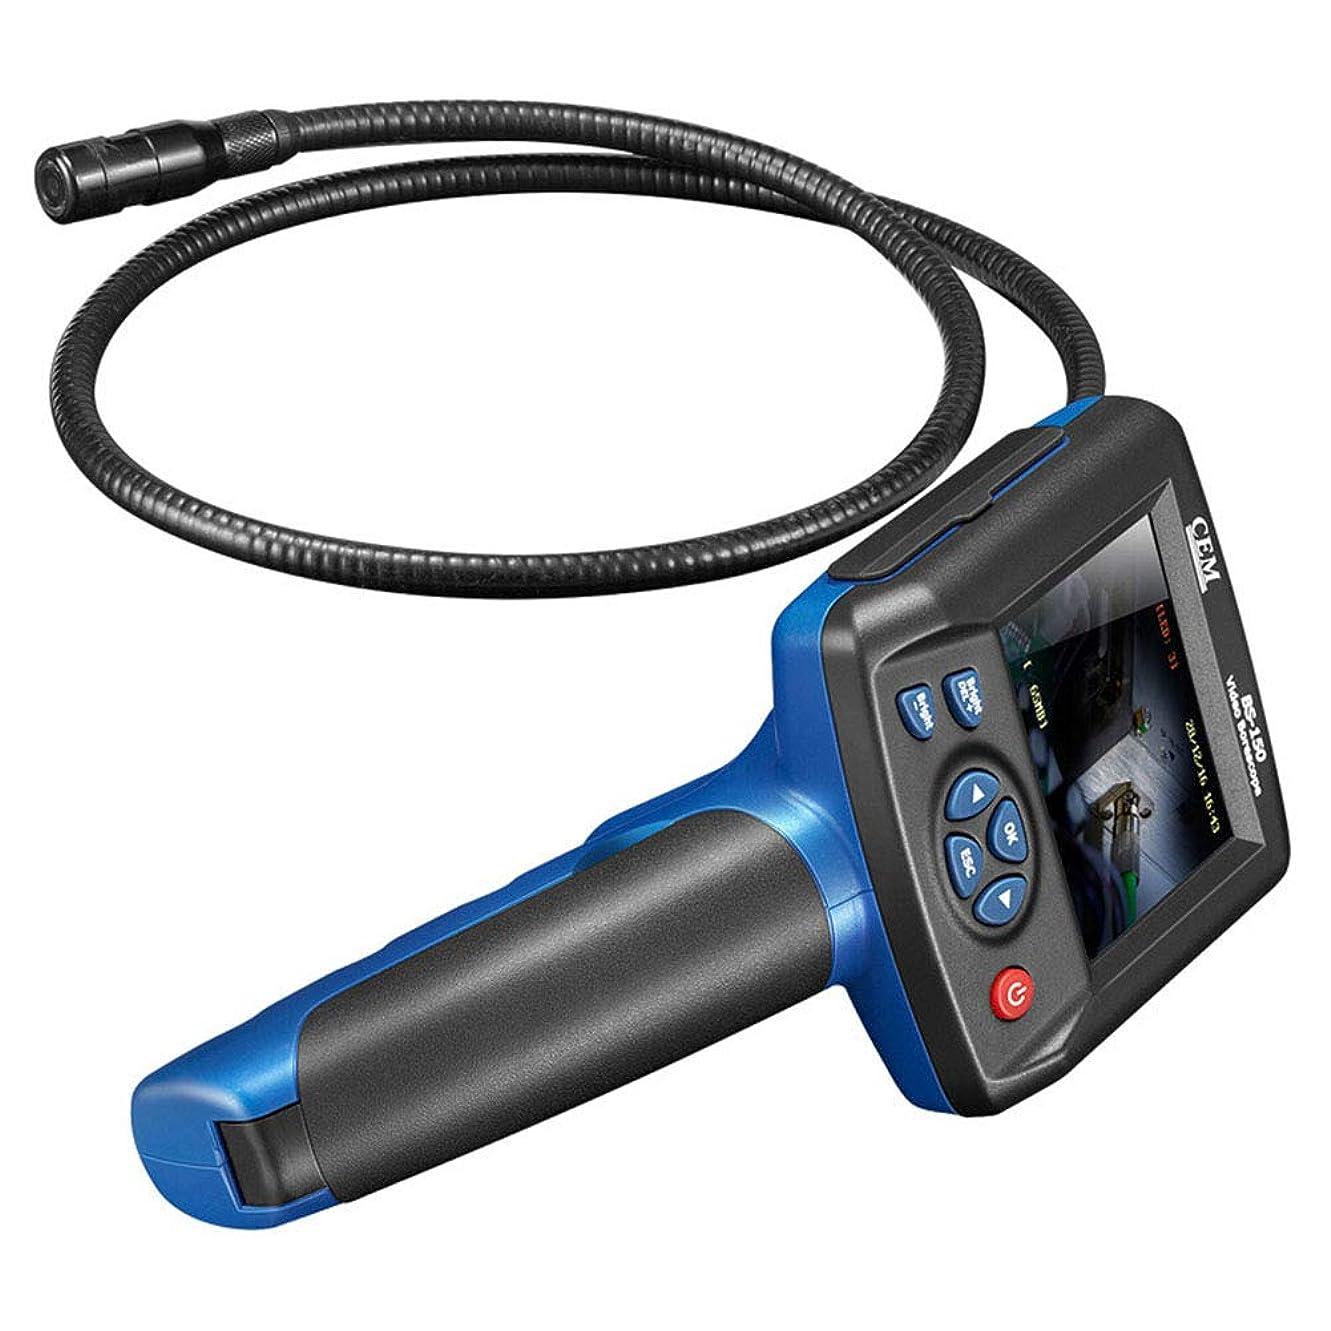 テーブル中央先史時代のポータブル 検査 カメラ、 下水道 産業用 内視鏡 防水 ヘビ DVR 記録 ビデオ 3.2で インチ LCD 画面 機械的 メンテナンス 検出 ビデオ 楽器